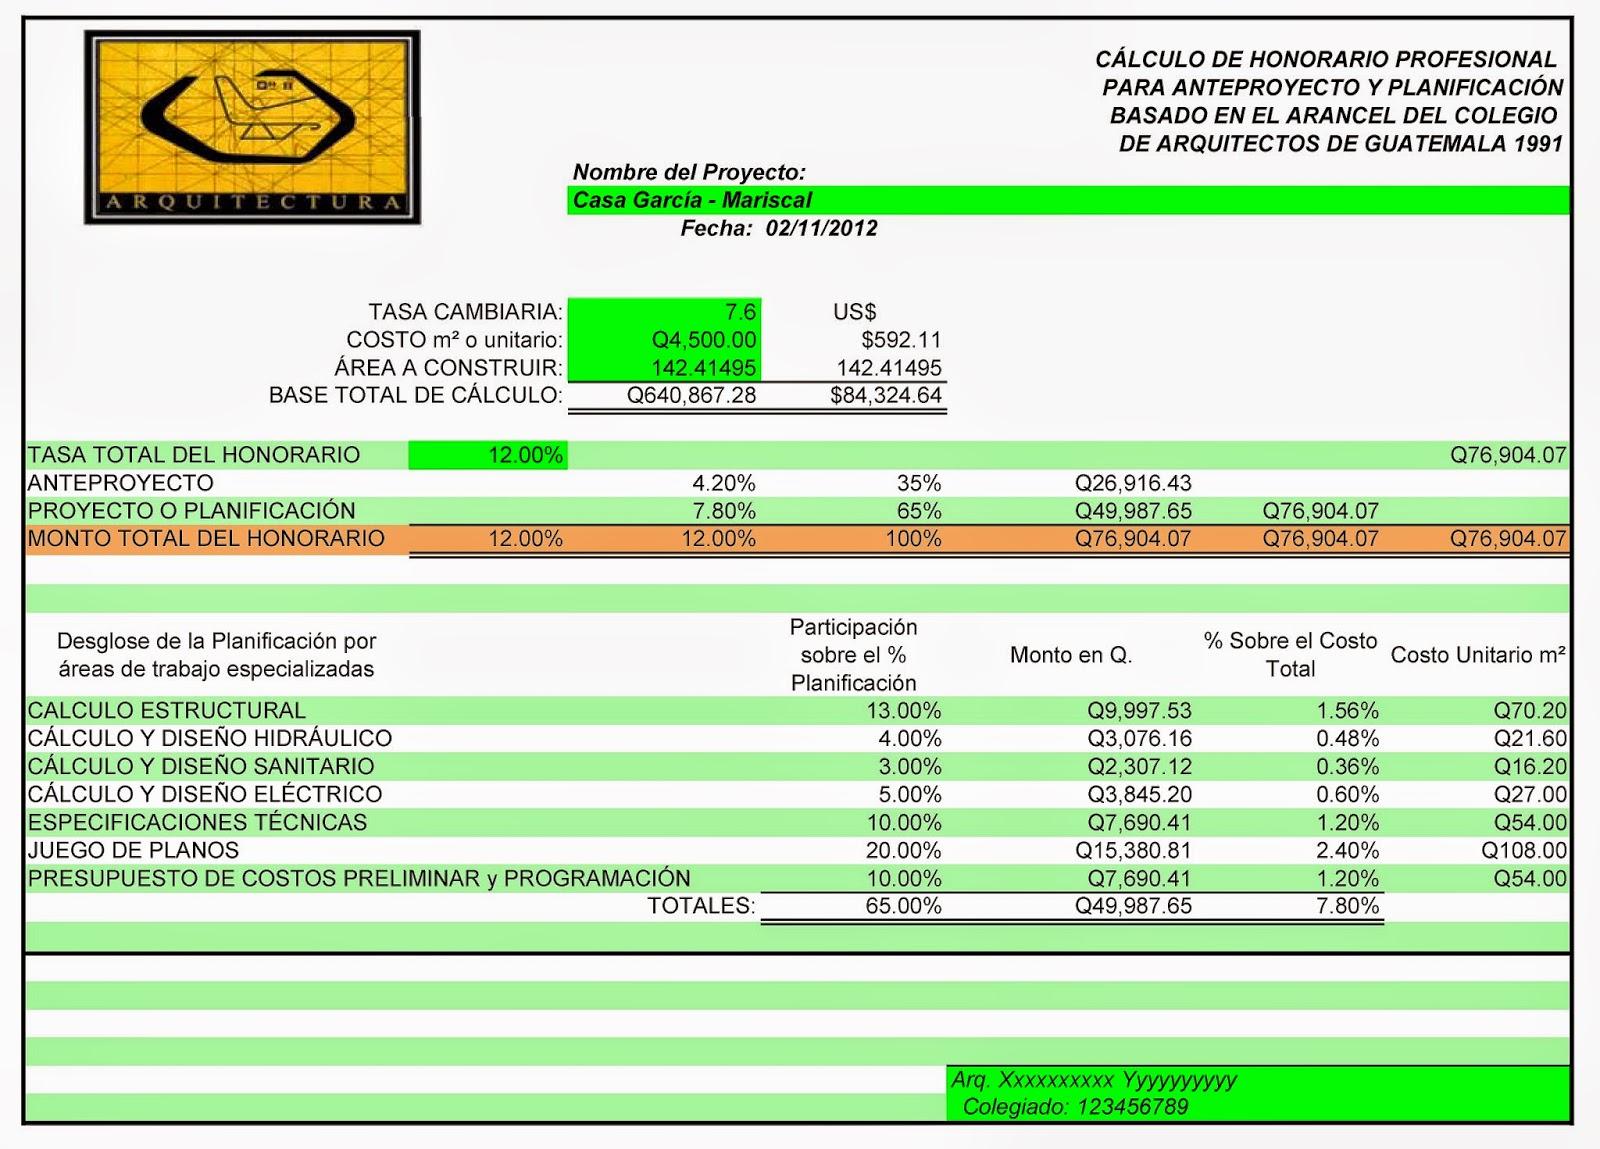 FARUSAC REMOTO: HONORARIO PROFESIONAL POR EL ARANCEL DEL COLEGIO DE ...